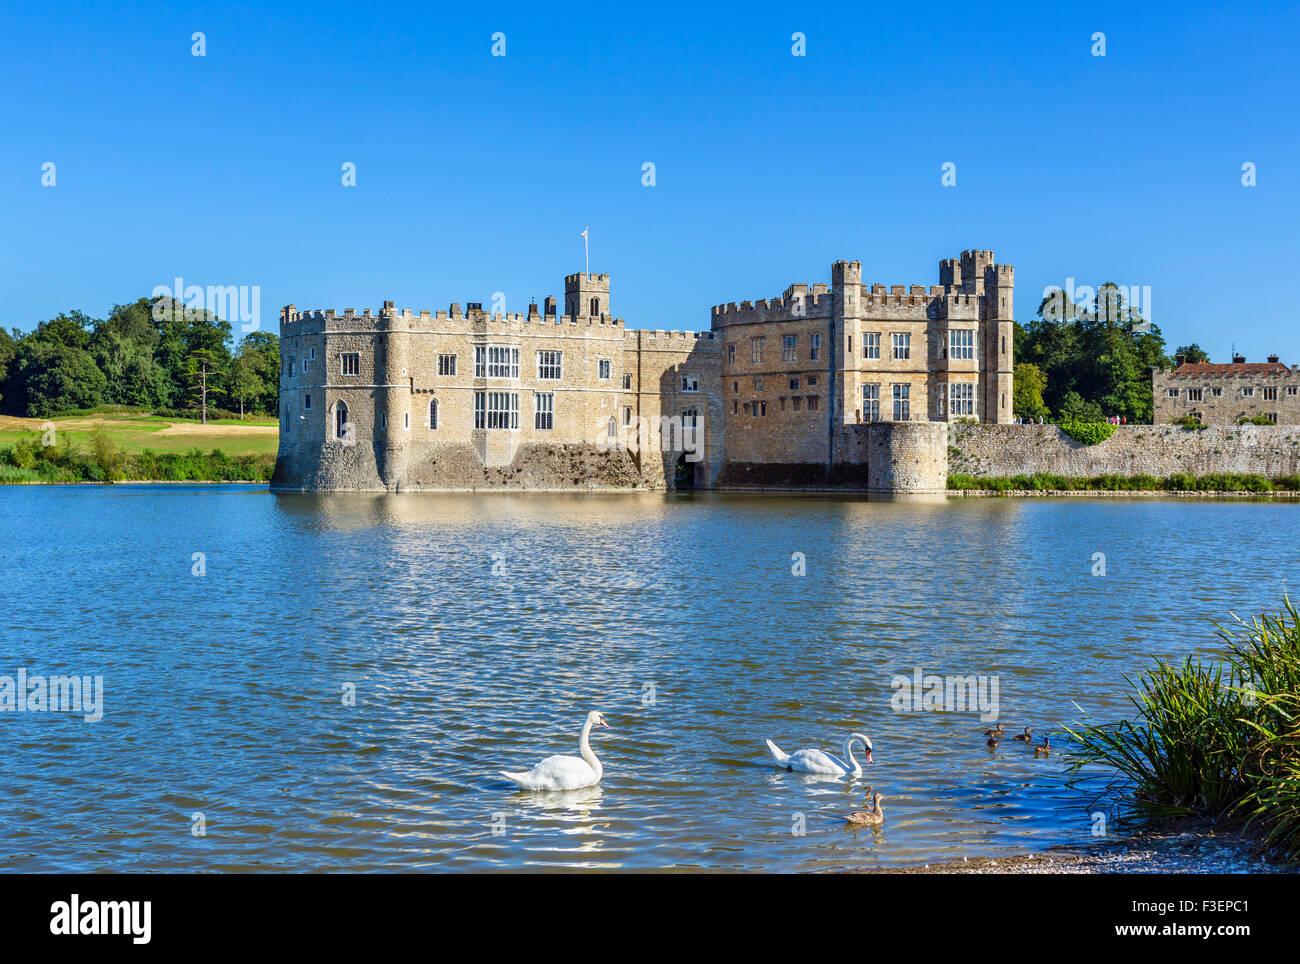 Leeds Castle, near Maidstone, Kent, England, UK - Stock Image